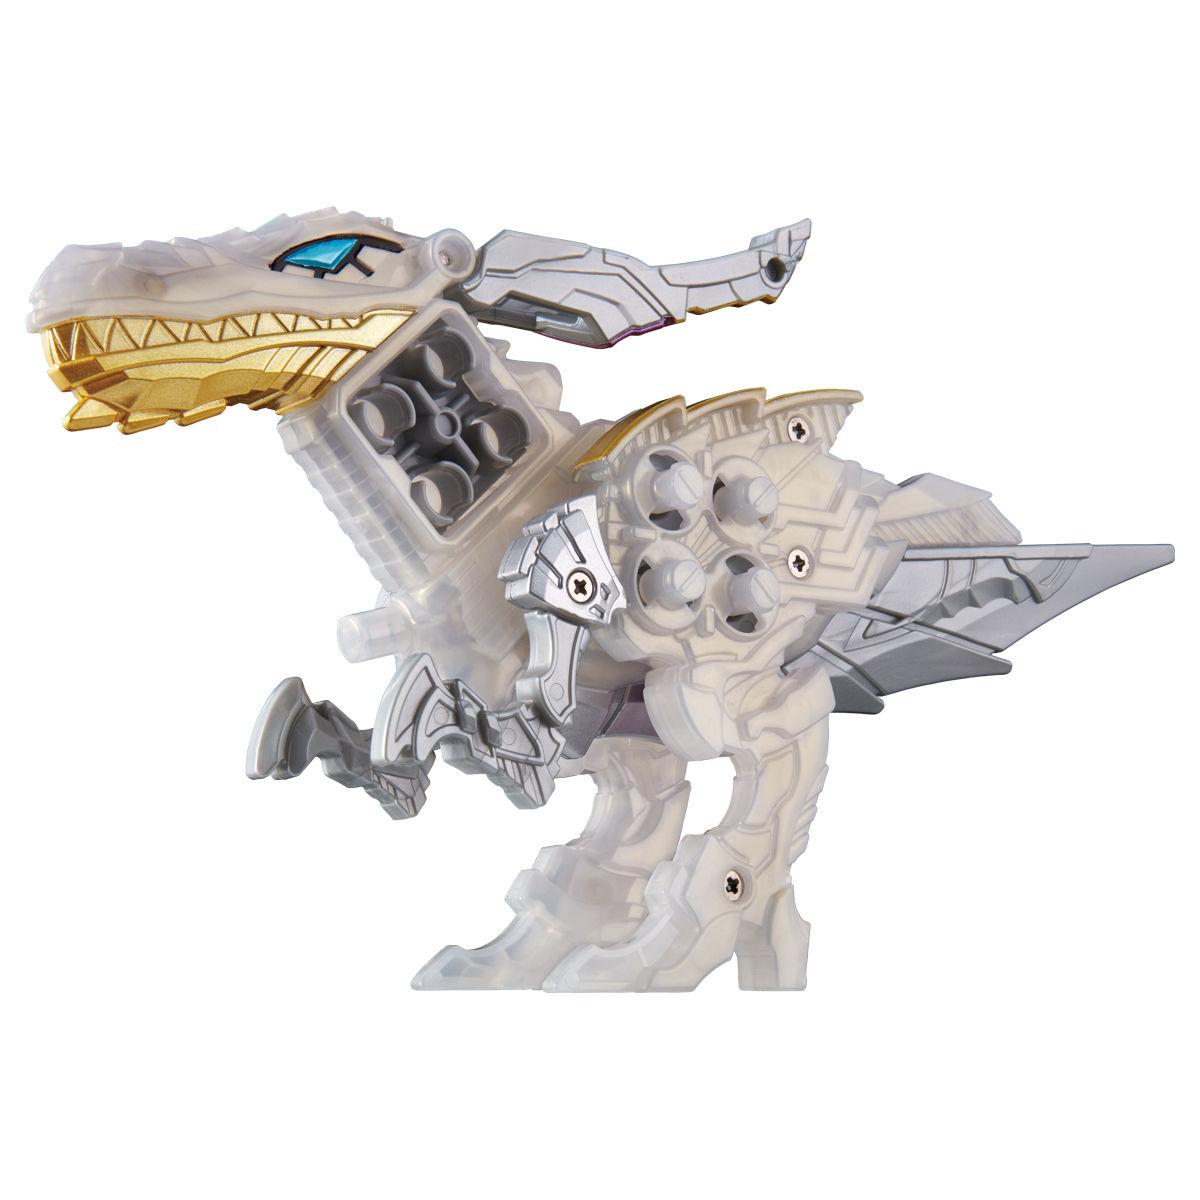 騎士竜戦隊リュウソウジャー『騎士竜シリーズ08&09 DXシャインラプター&シャドーラプターセット』可変可動フィギュア-003